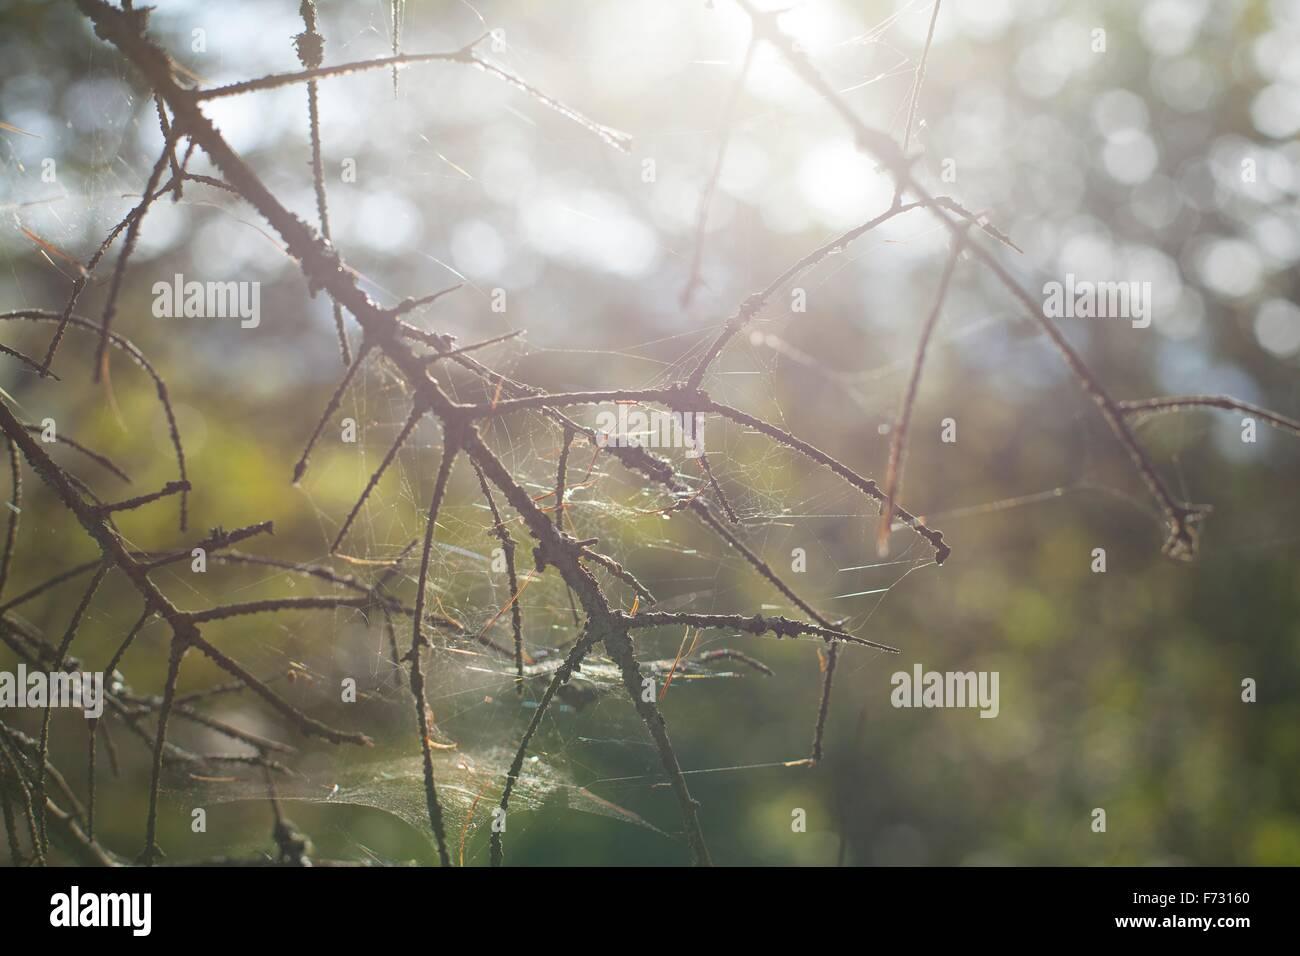 Spider webs on brances - Stock Image